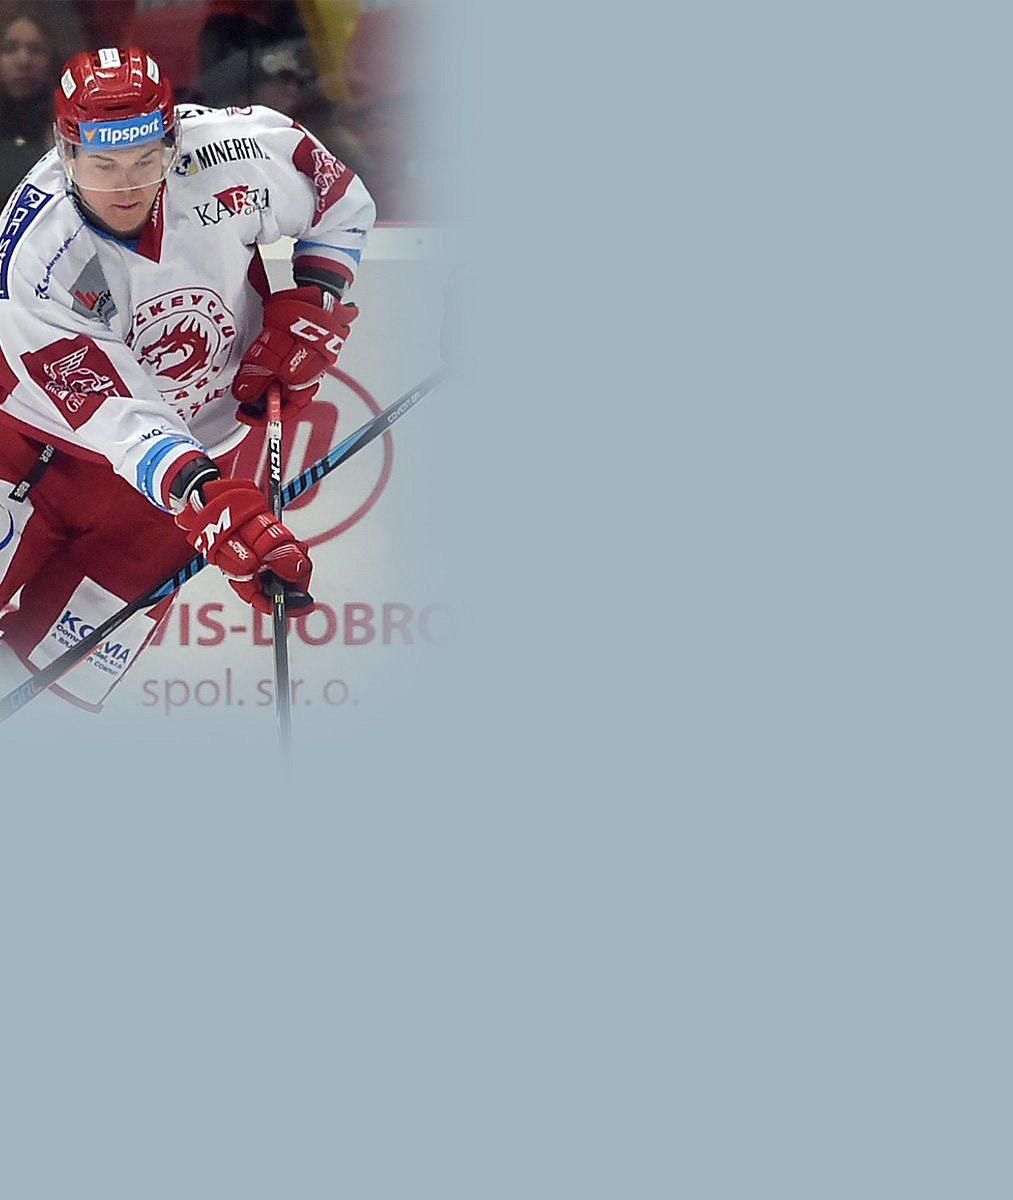 Přímý přenos utkání Tipsport extraligy v ledním hokeji.